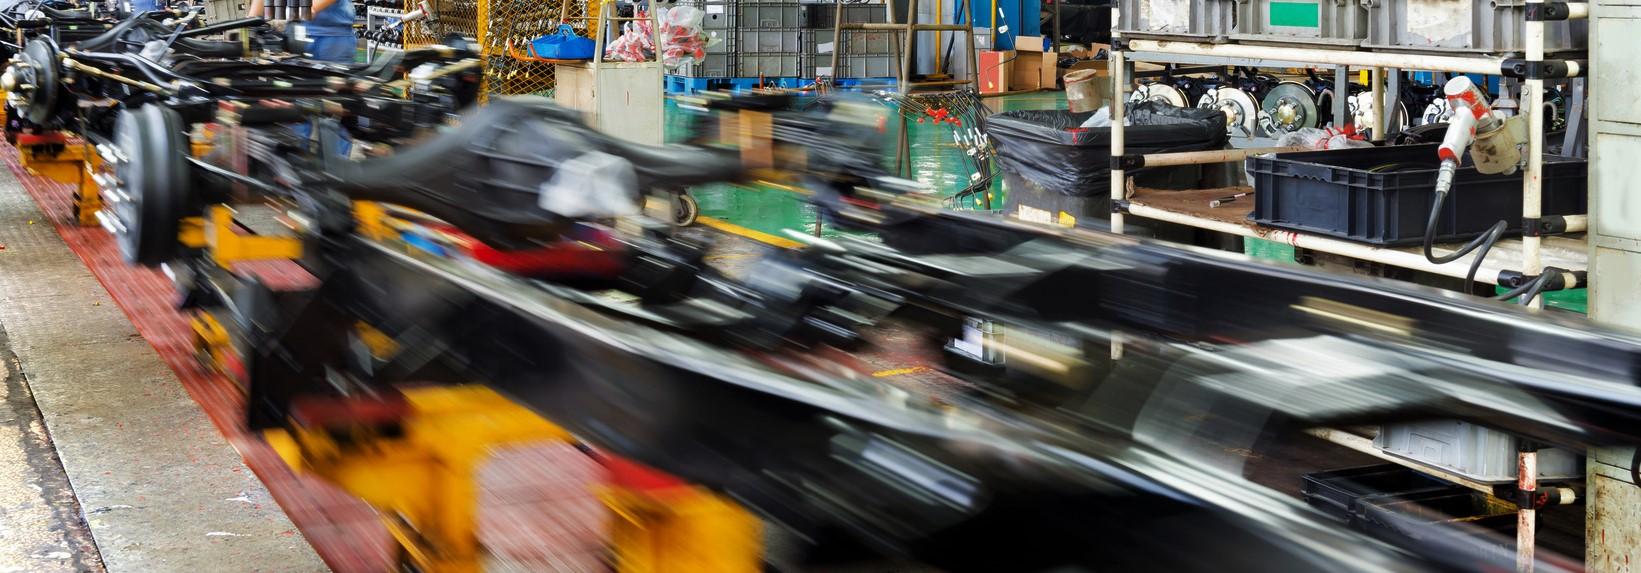 Engineering Services Maschinenbau, Technisches Büro, Ingenieurbüro